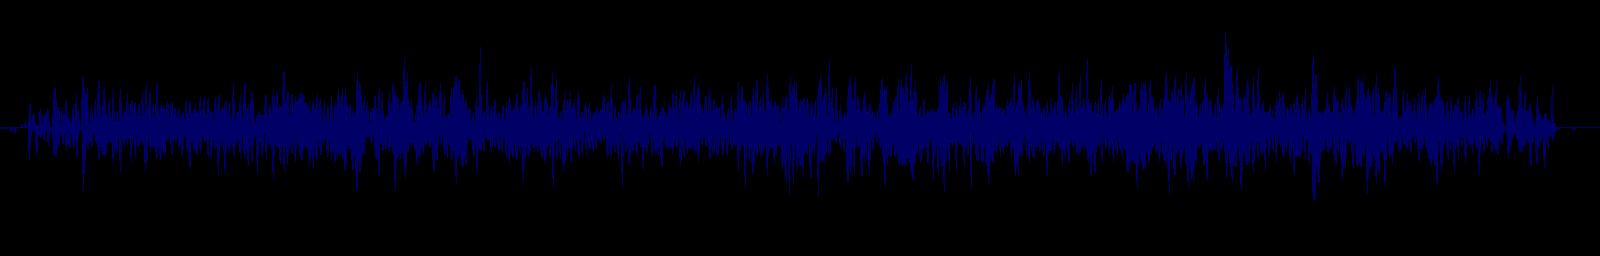 waveform of track #105157